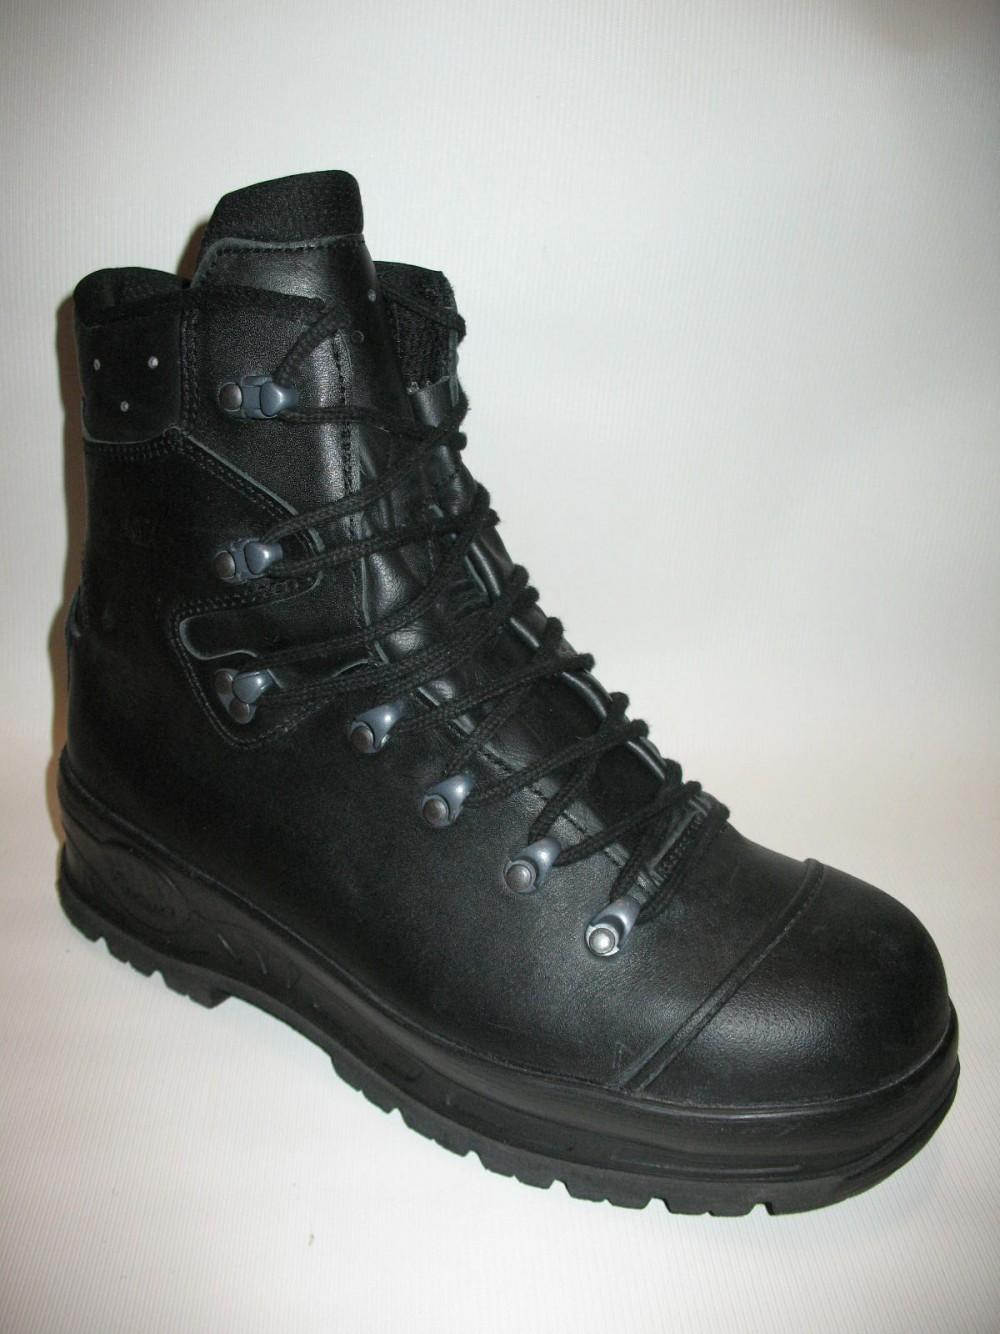 Ботинки HAIX trekker pro boots (размер UK8,5/US9,5/EU43(на стопу до 285 mm)) - 4